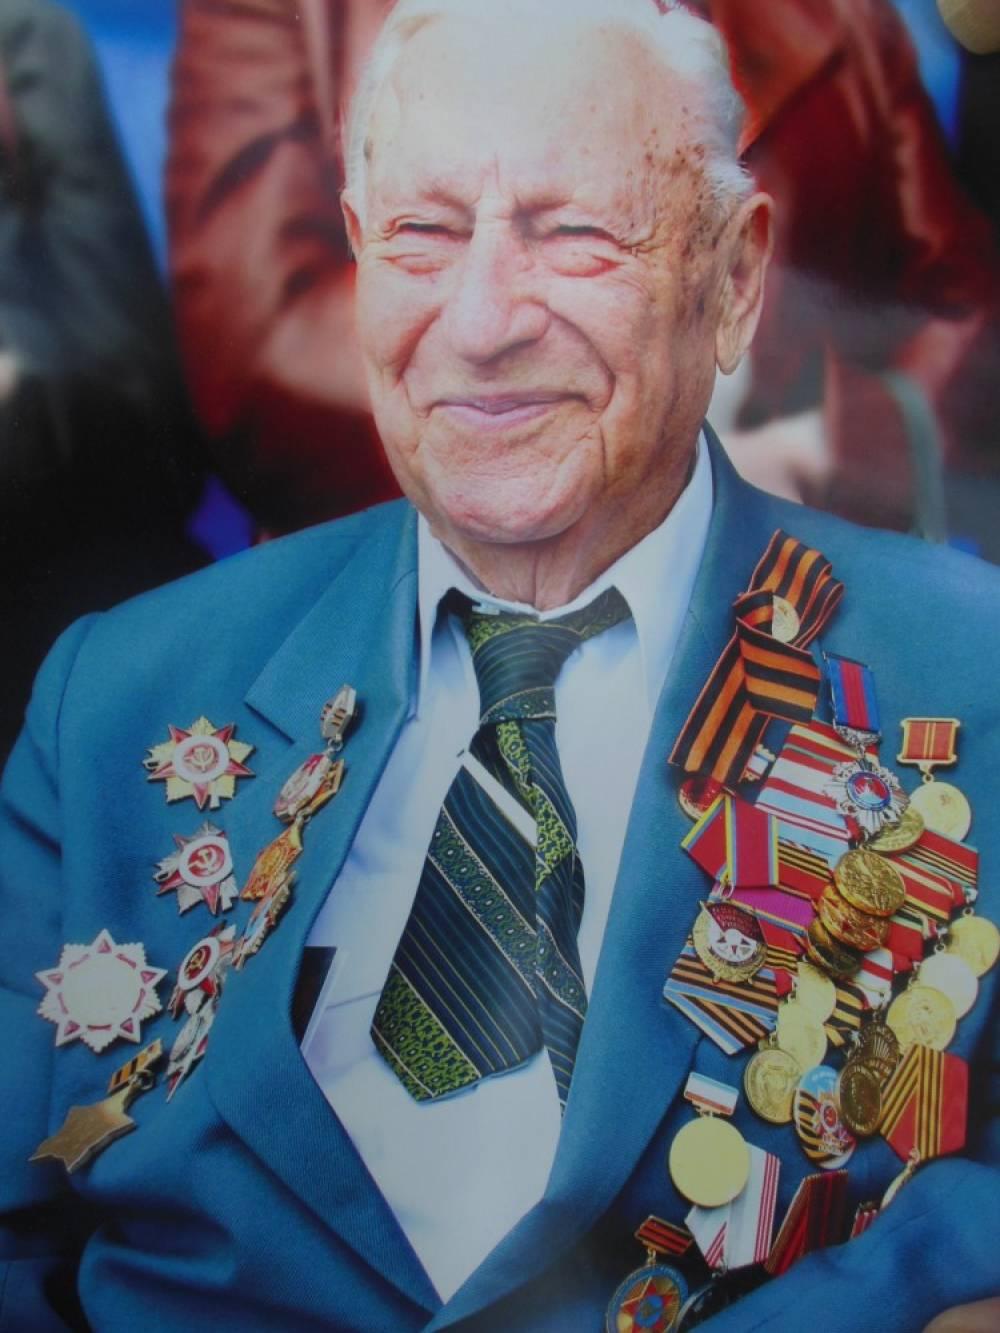 Анатолий Кожемякин:  «Это был наш долг - воевать за Родину!»